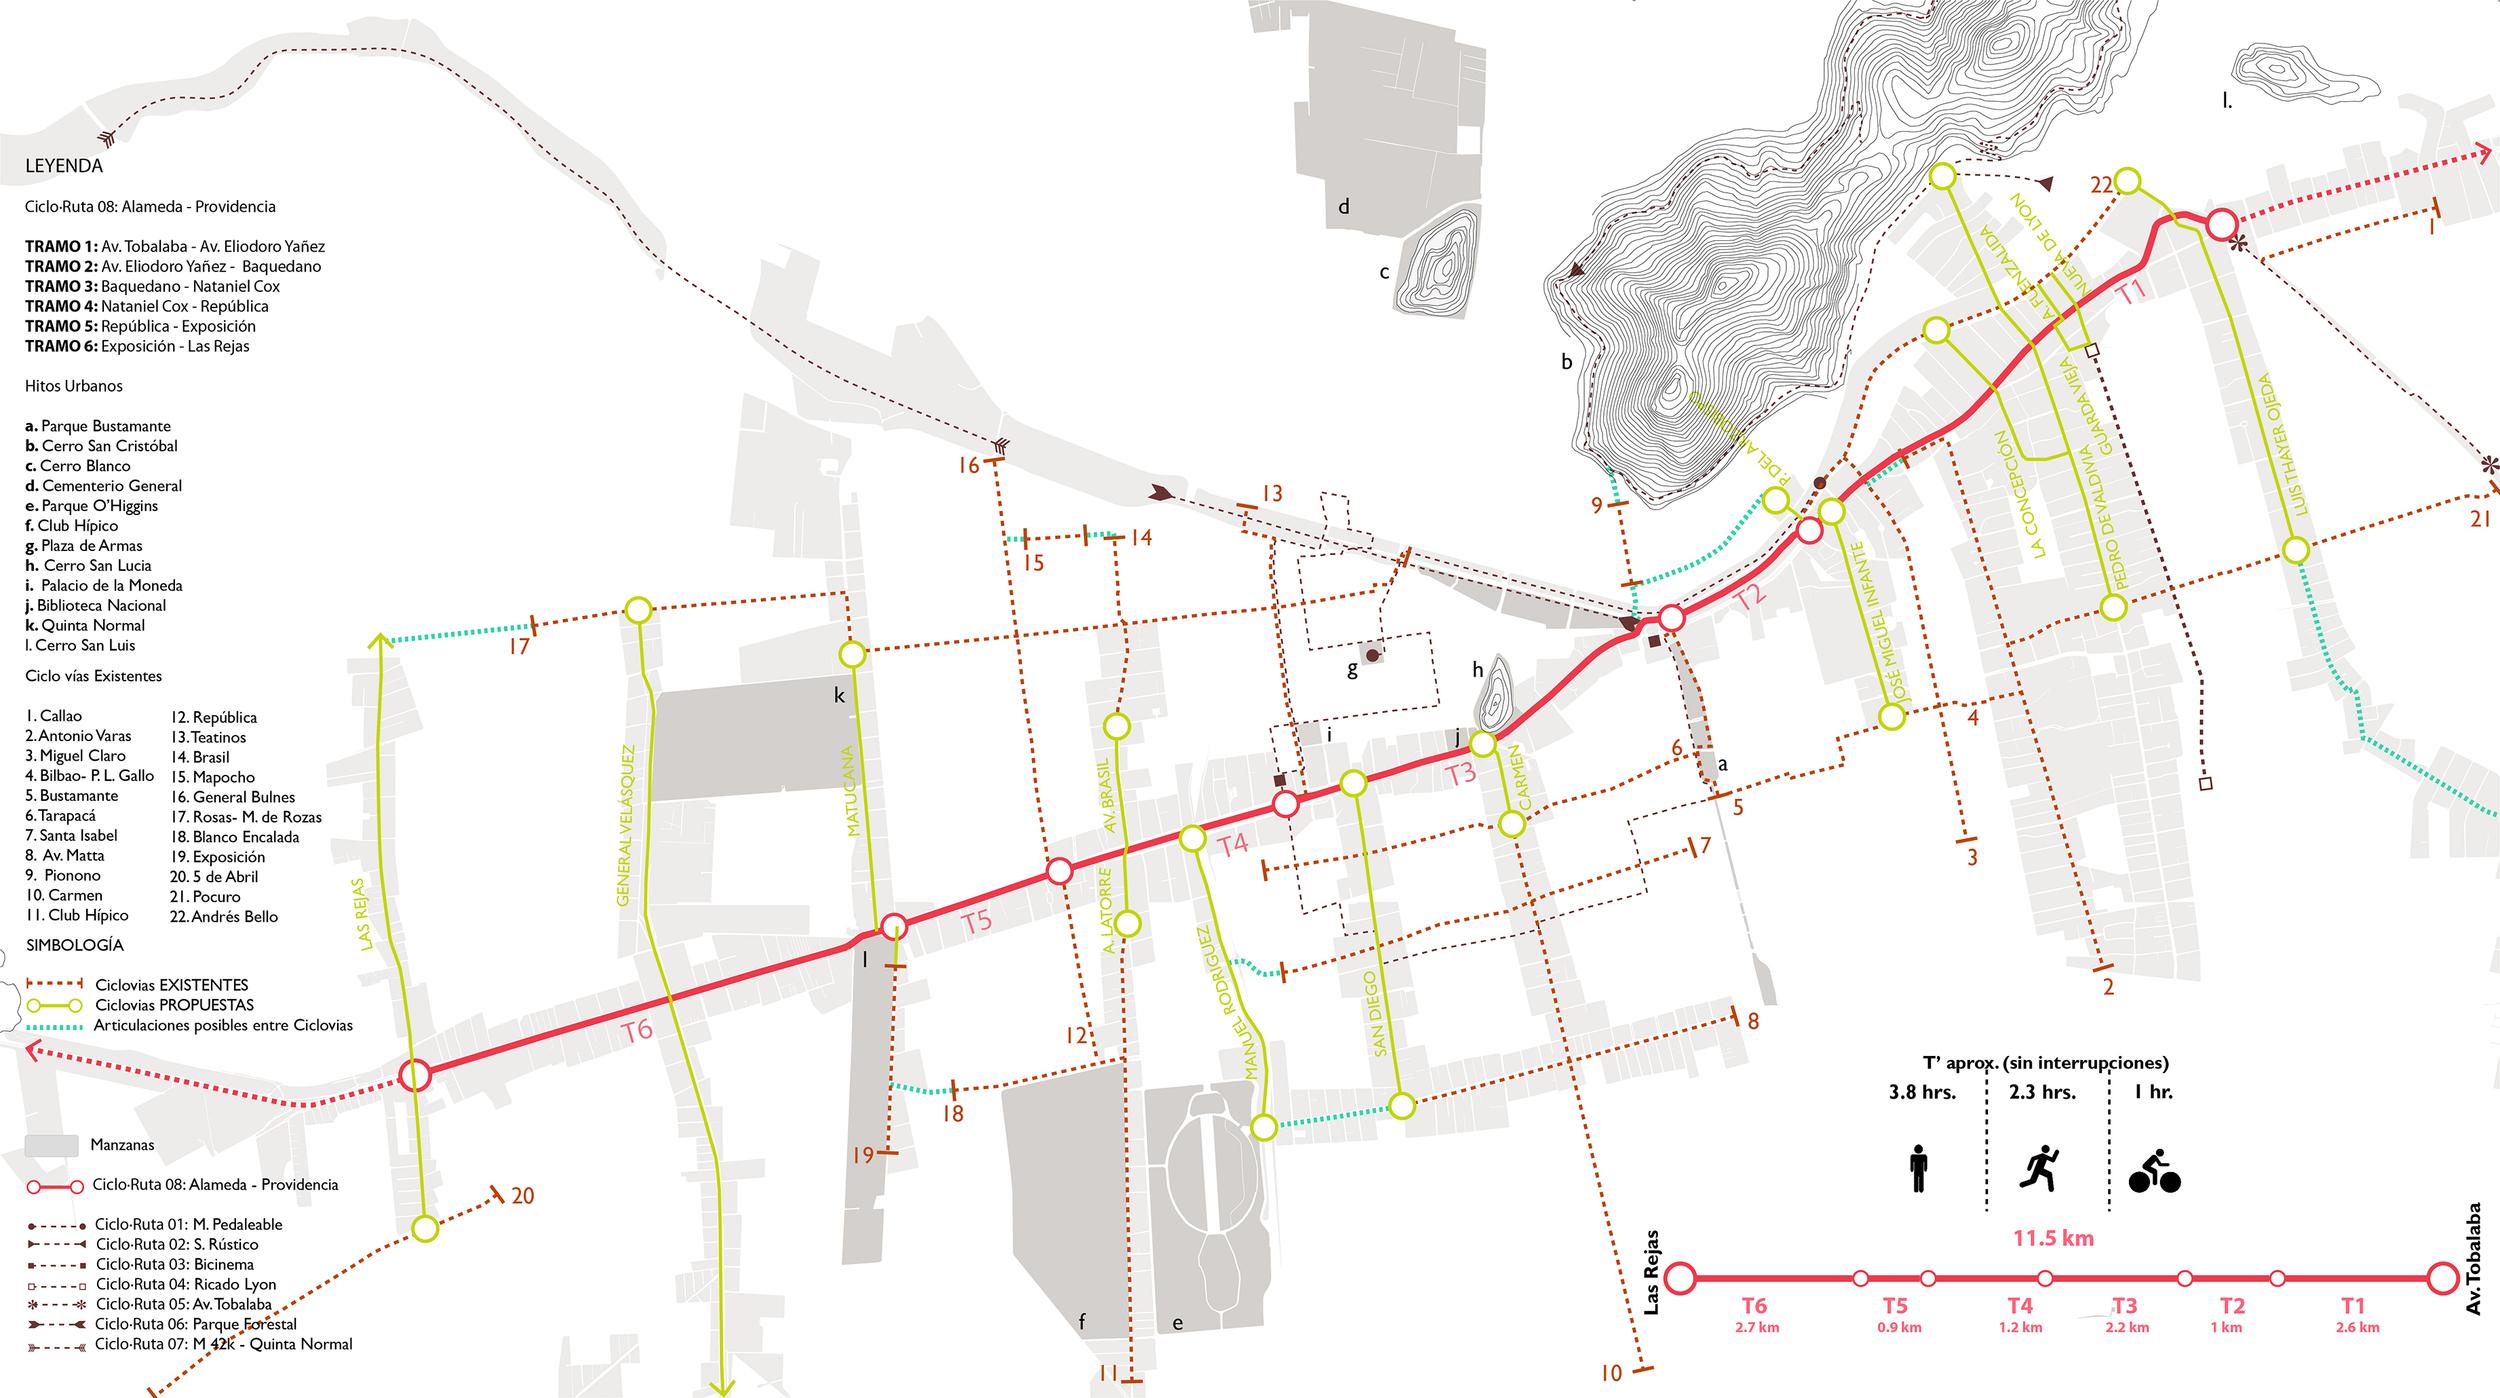 (8) Mapa de ruta adjunto © Francisca Salas P. para LOFscapes.